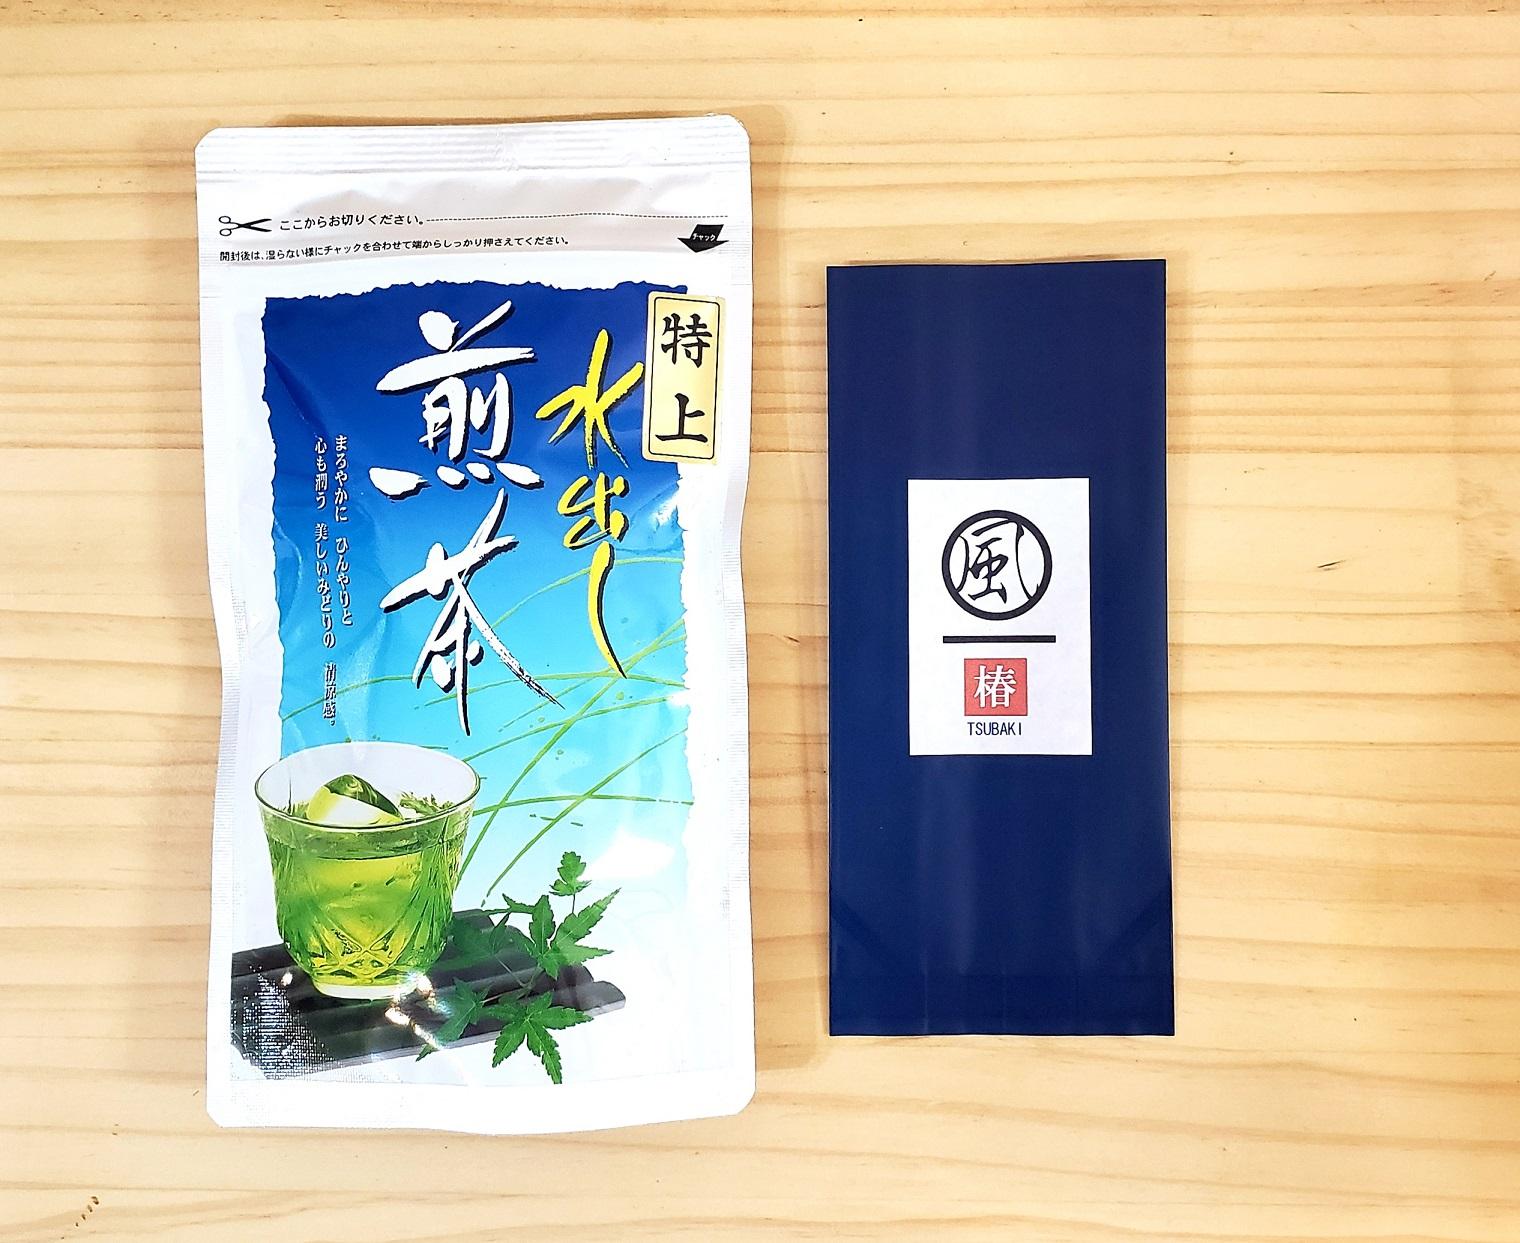 〔お試しセット〕<br>掛川一風堂の、まずはお試しセット送料無料 <br>1,000円